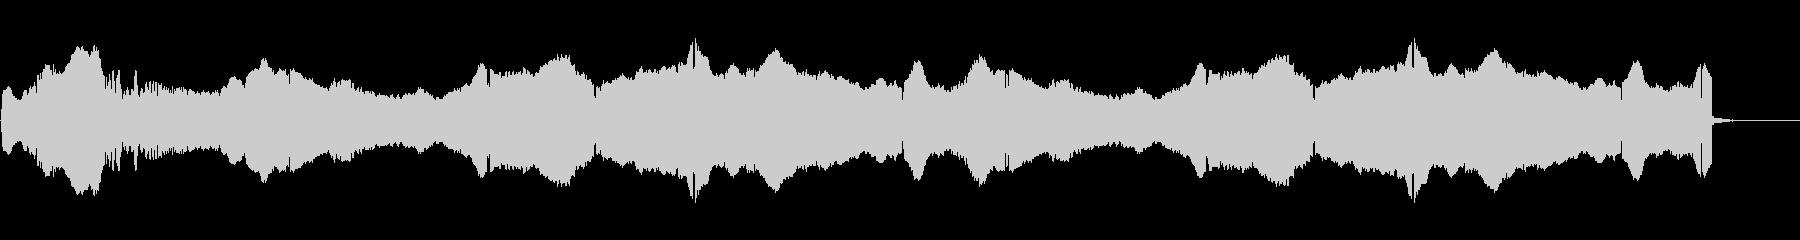 救急車のサイレン:内線:スローウェ...の未再生の波形